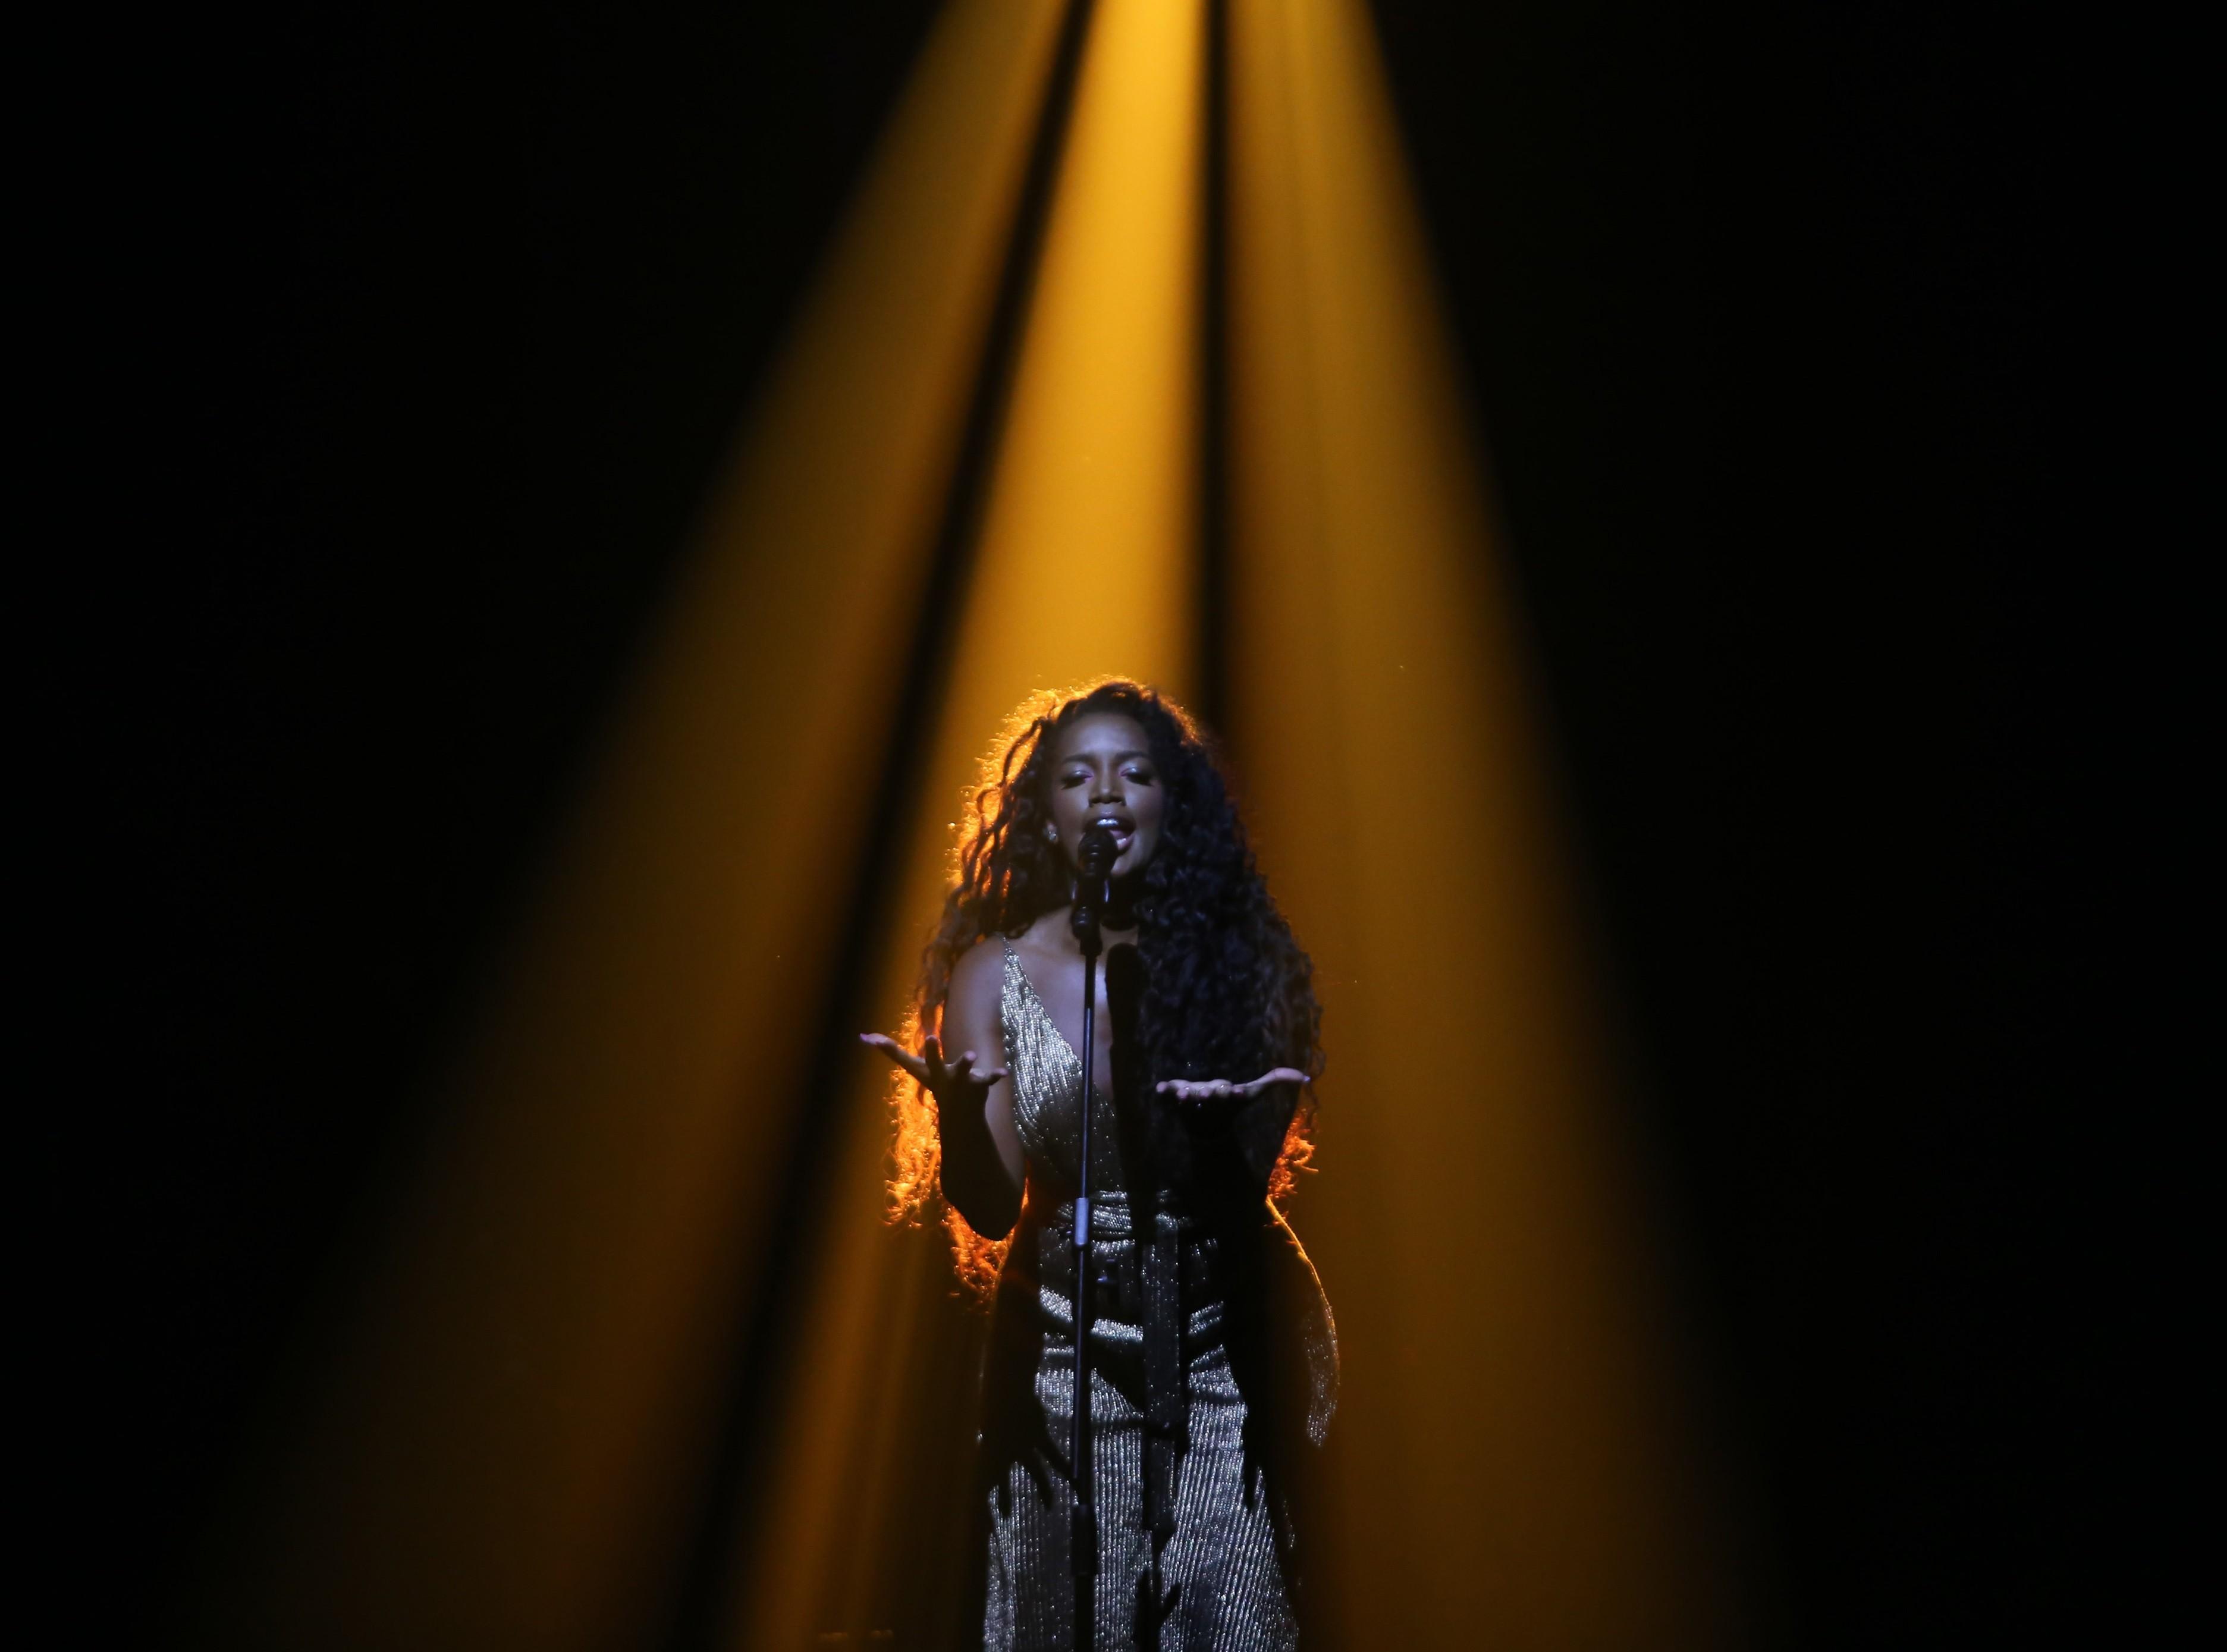 Iza estreia turn de Dona de Mim nesta sexta-feira (10) com transmisso ao vivo do BIS (Foto: Carlos Cardeal Jr./Bis)